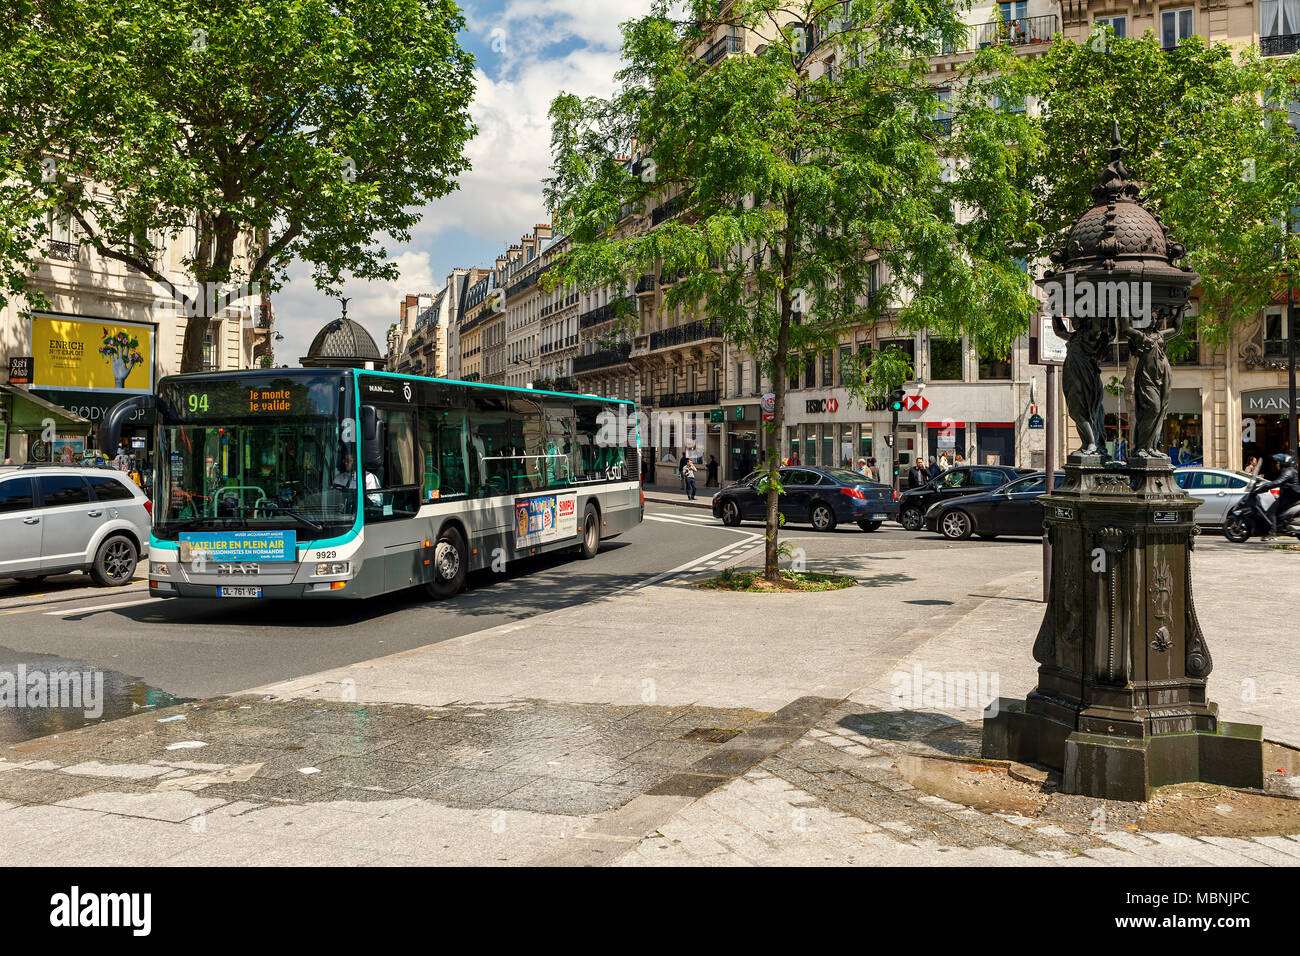 Fontaine Wallace, bus et voitures sur la rue de Paris - capitale et plus grande ville de France. Banque D'Images